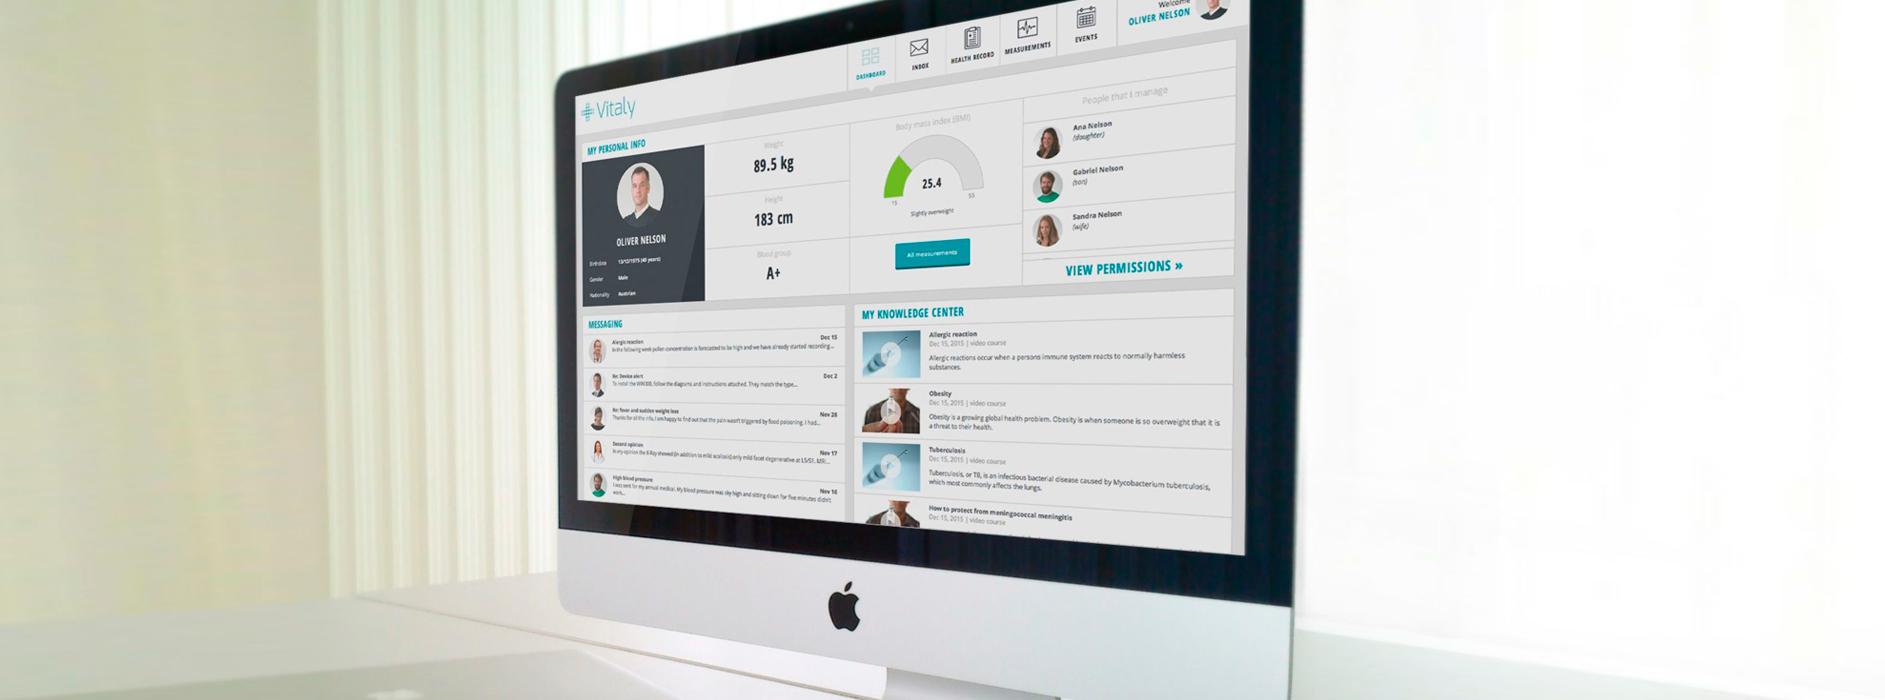 oblikovanje uporabniškega vmesnika načrtovanje uporabniške izkušnje za področje zdravstva